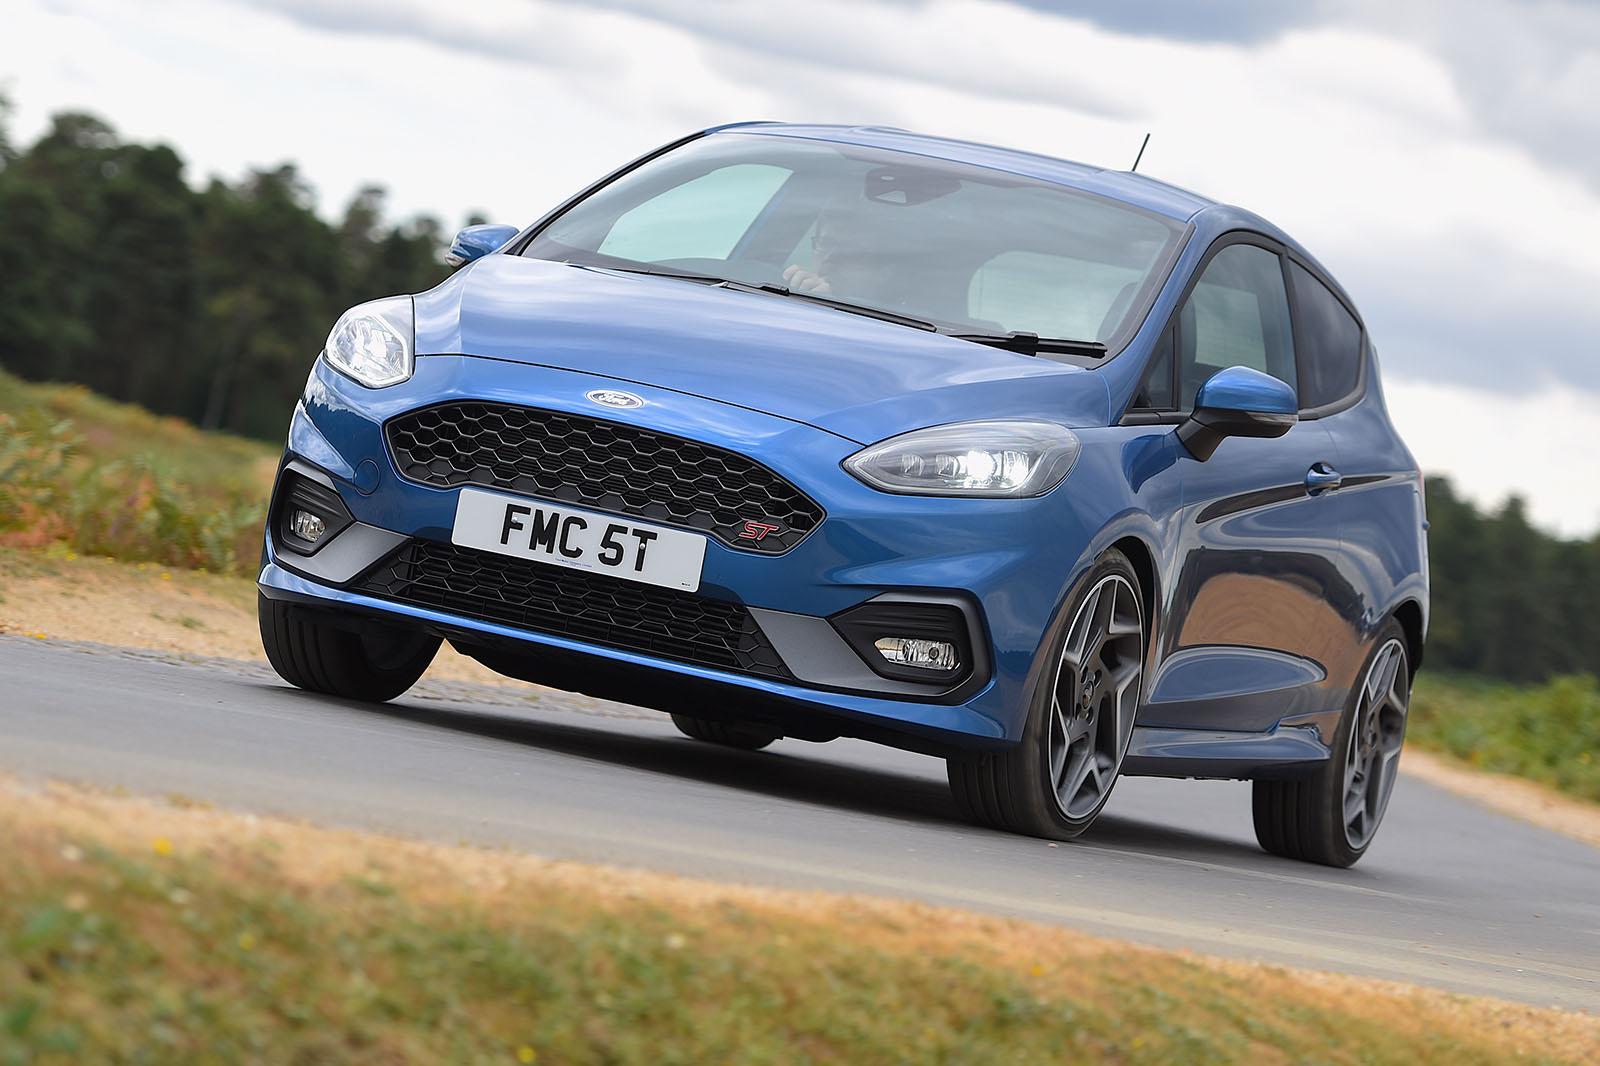 New Ford Fiesta ST vs new Volkswagen Polo GTI Comparison